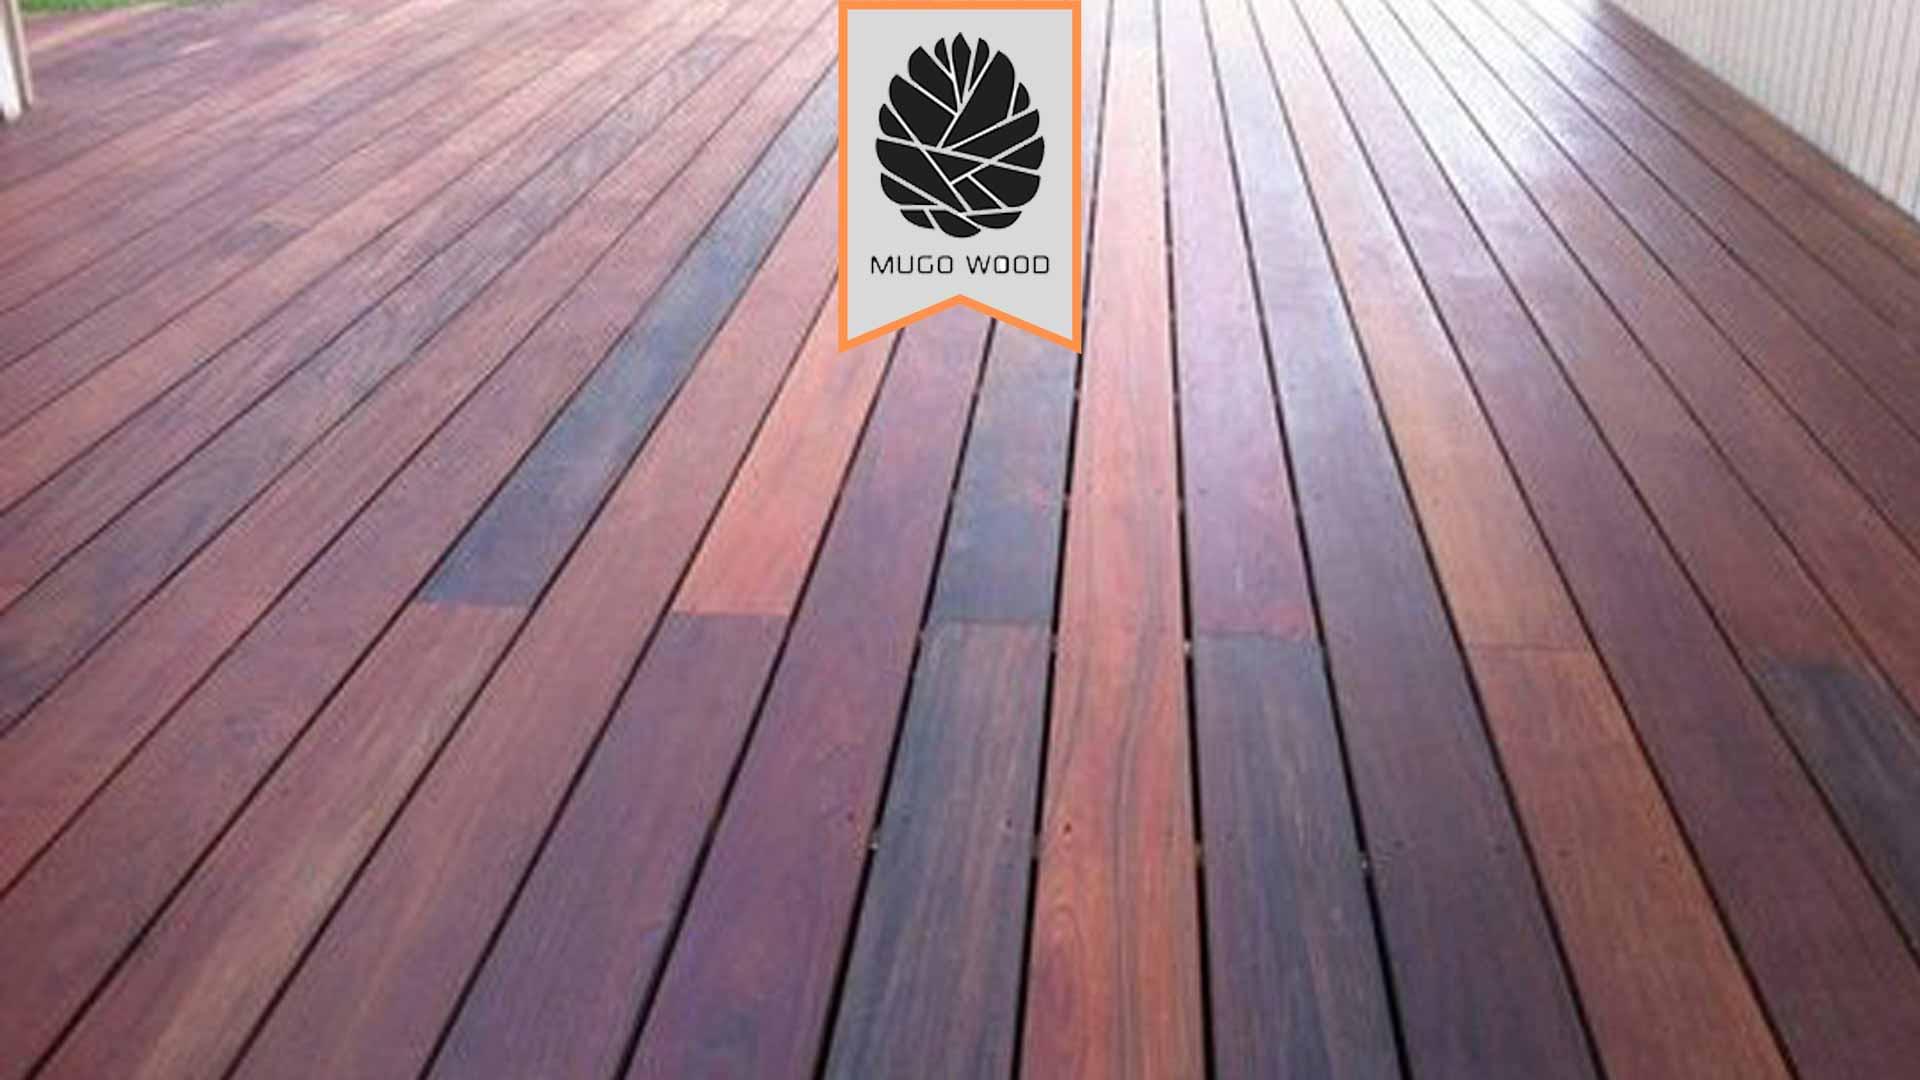 رنگ ترموود | رنگ ترمووود | فروش رنگ ترمووود | نمایندگی رنگ ترمووود | رنگ ترموود minwax | رنگ چوب ترموود | رنگ چوب ترموود در اصفهان |